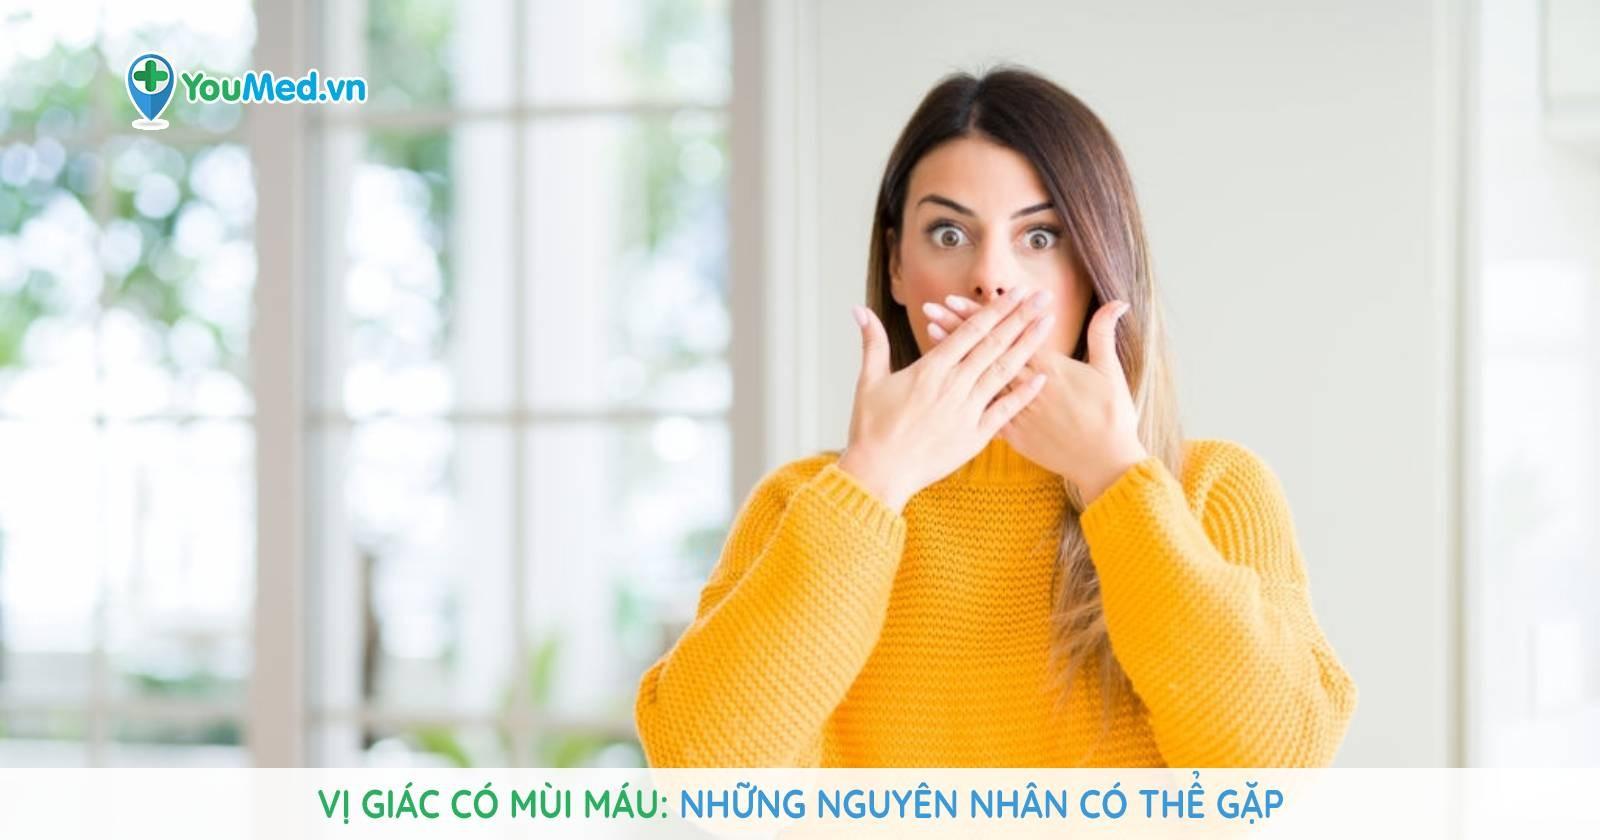 Vị giác có mùi máu: Những nguyên nhân có thể gặp